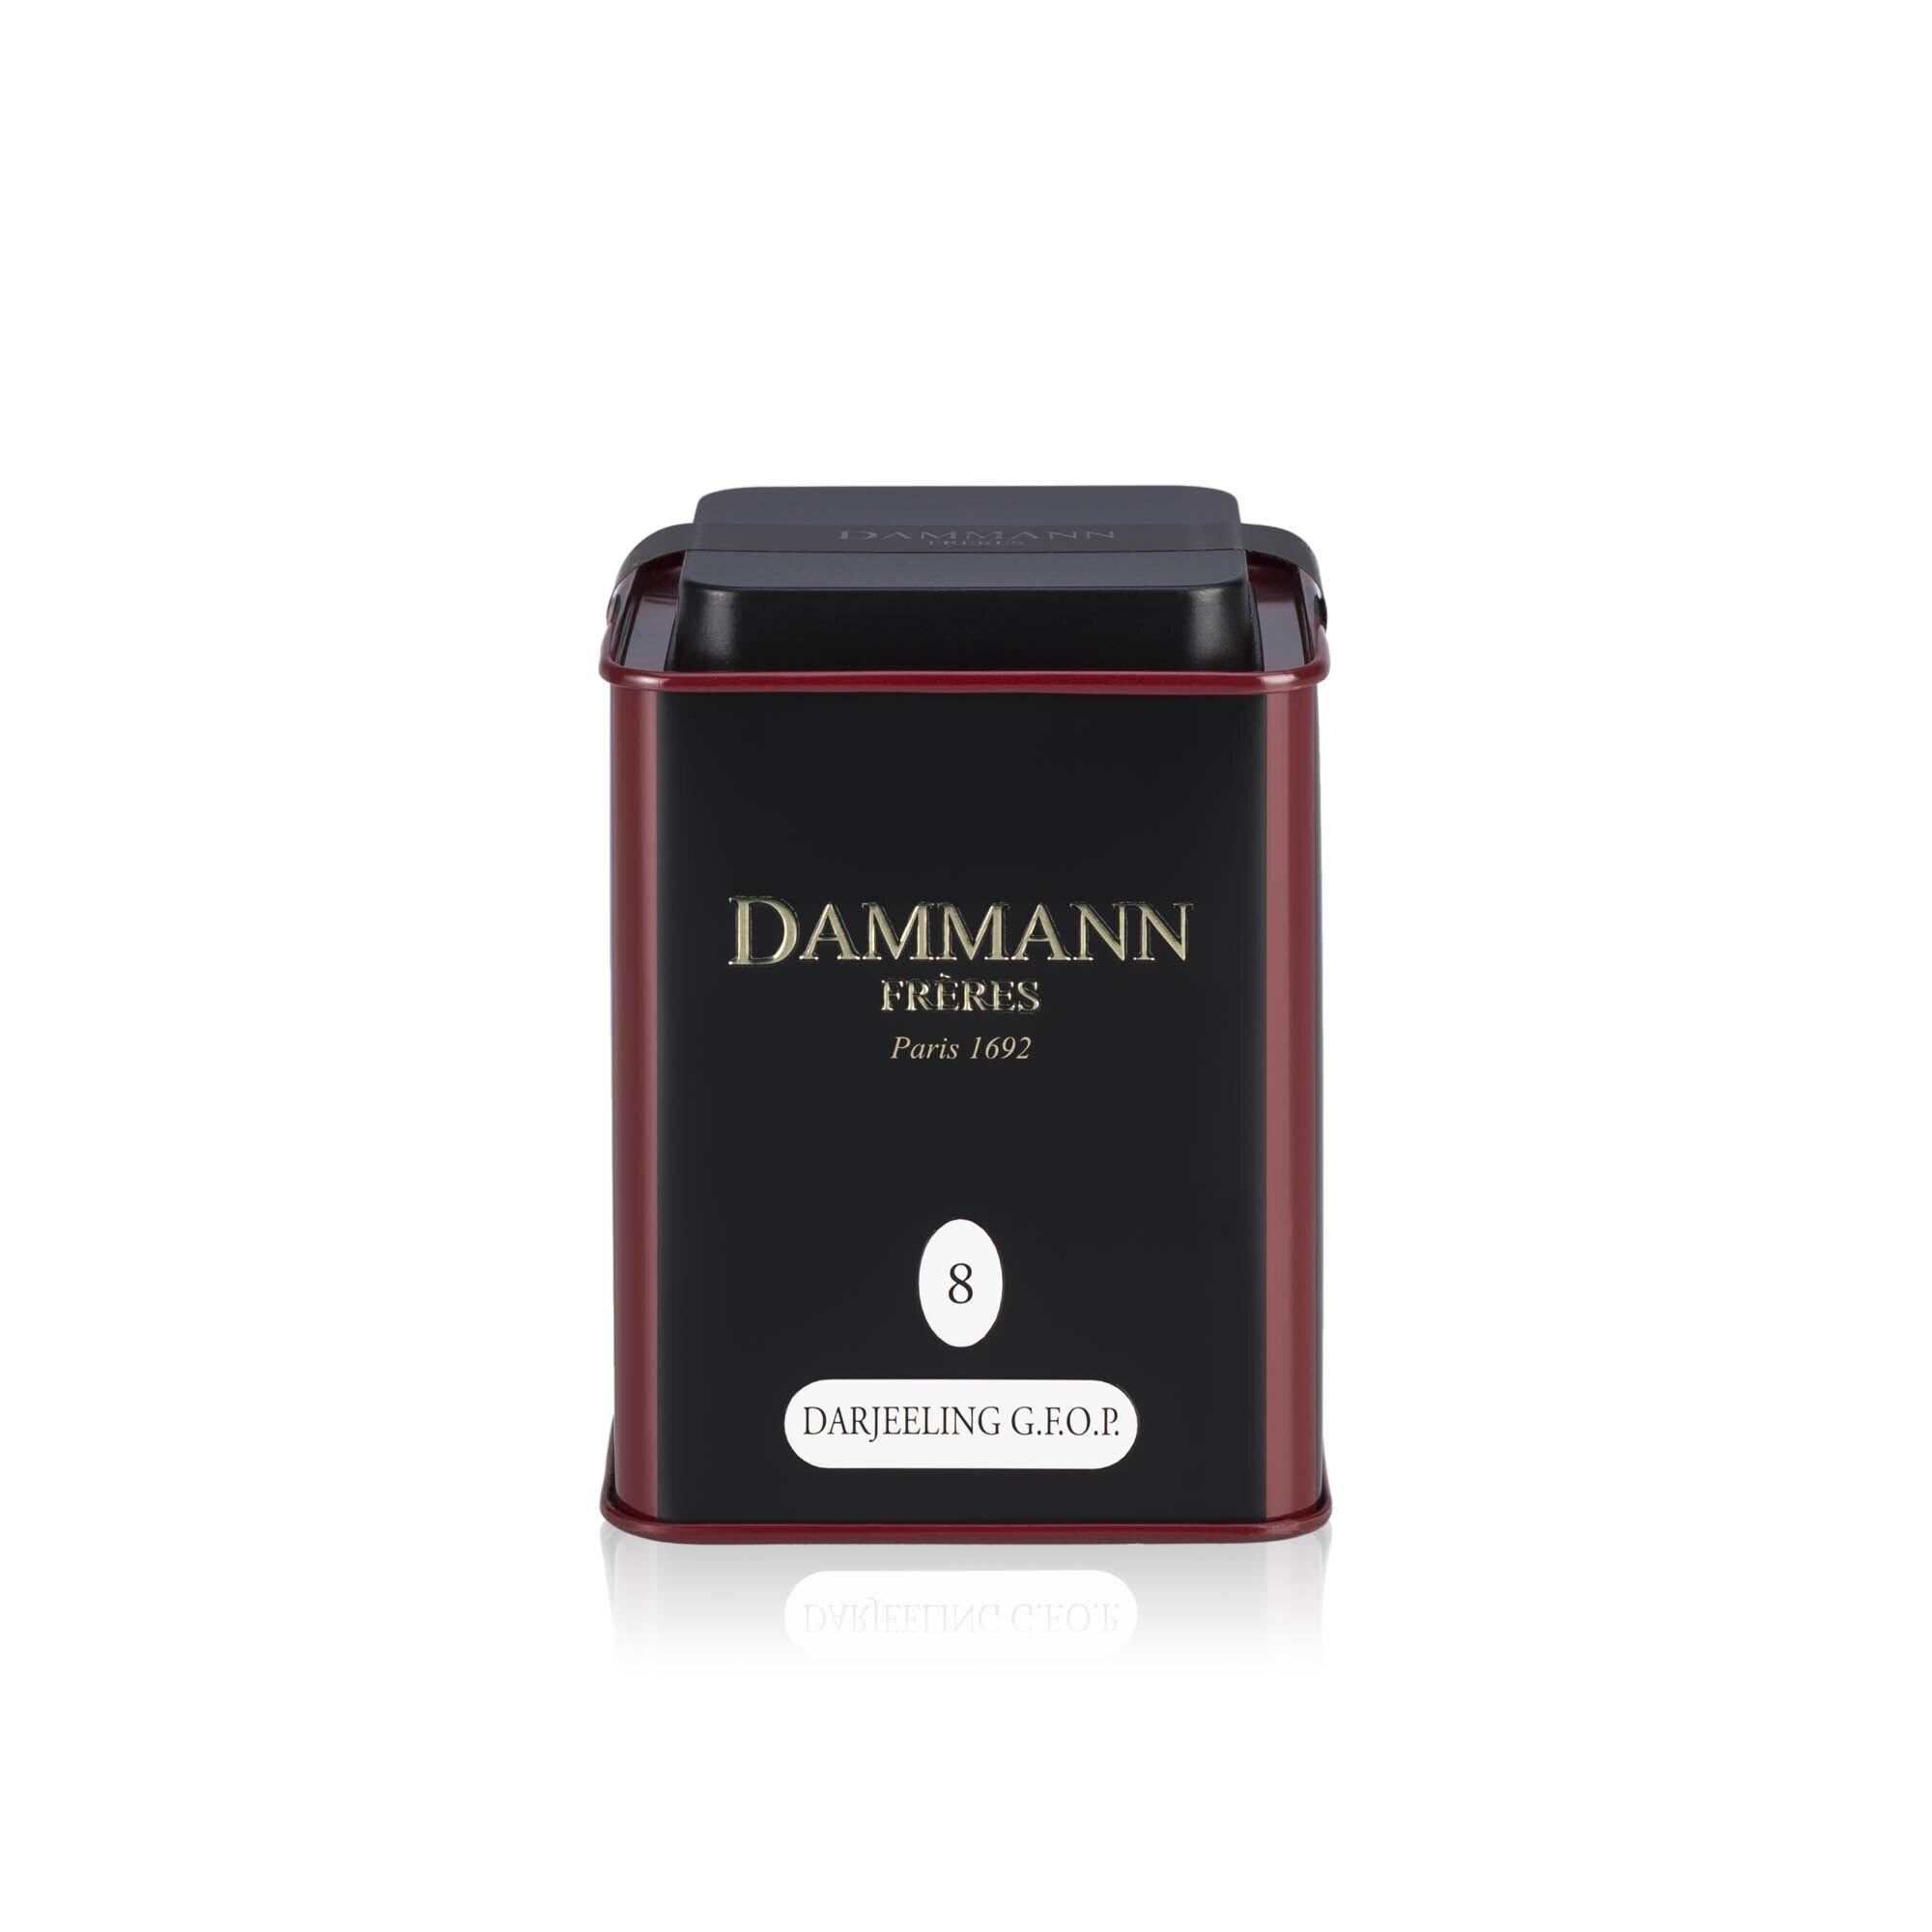 Tè sfuso Dammann Darjeeling da 100 gr